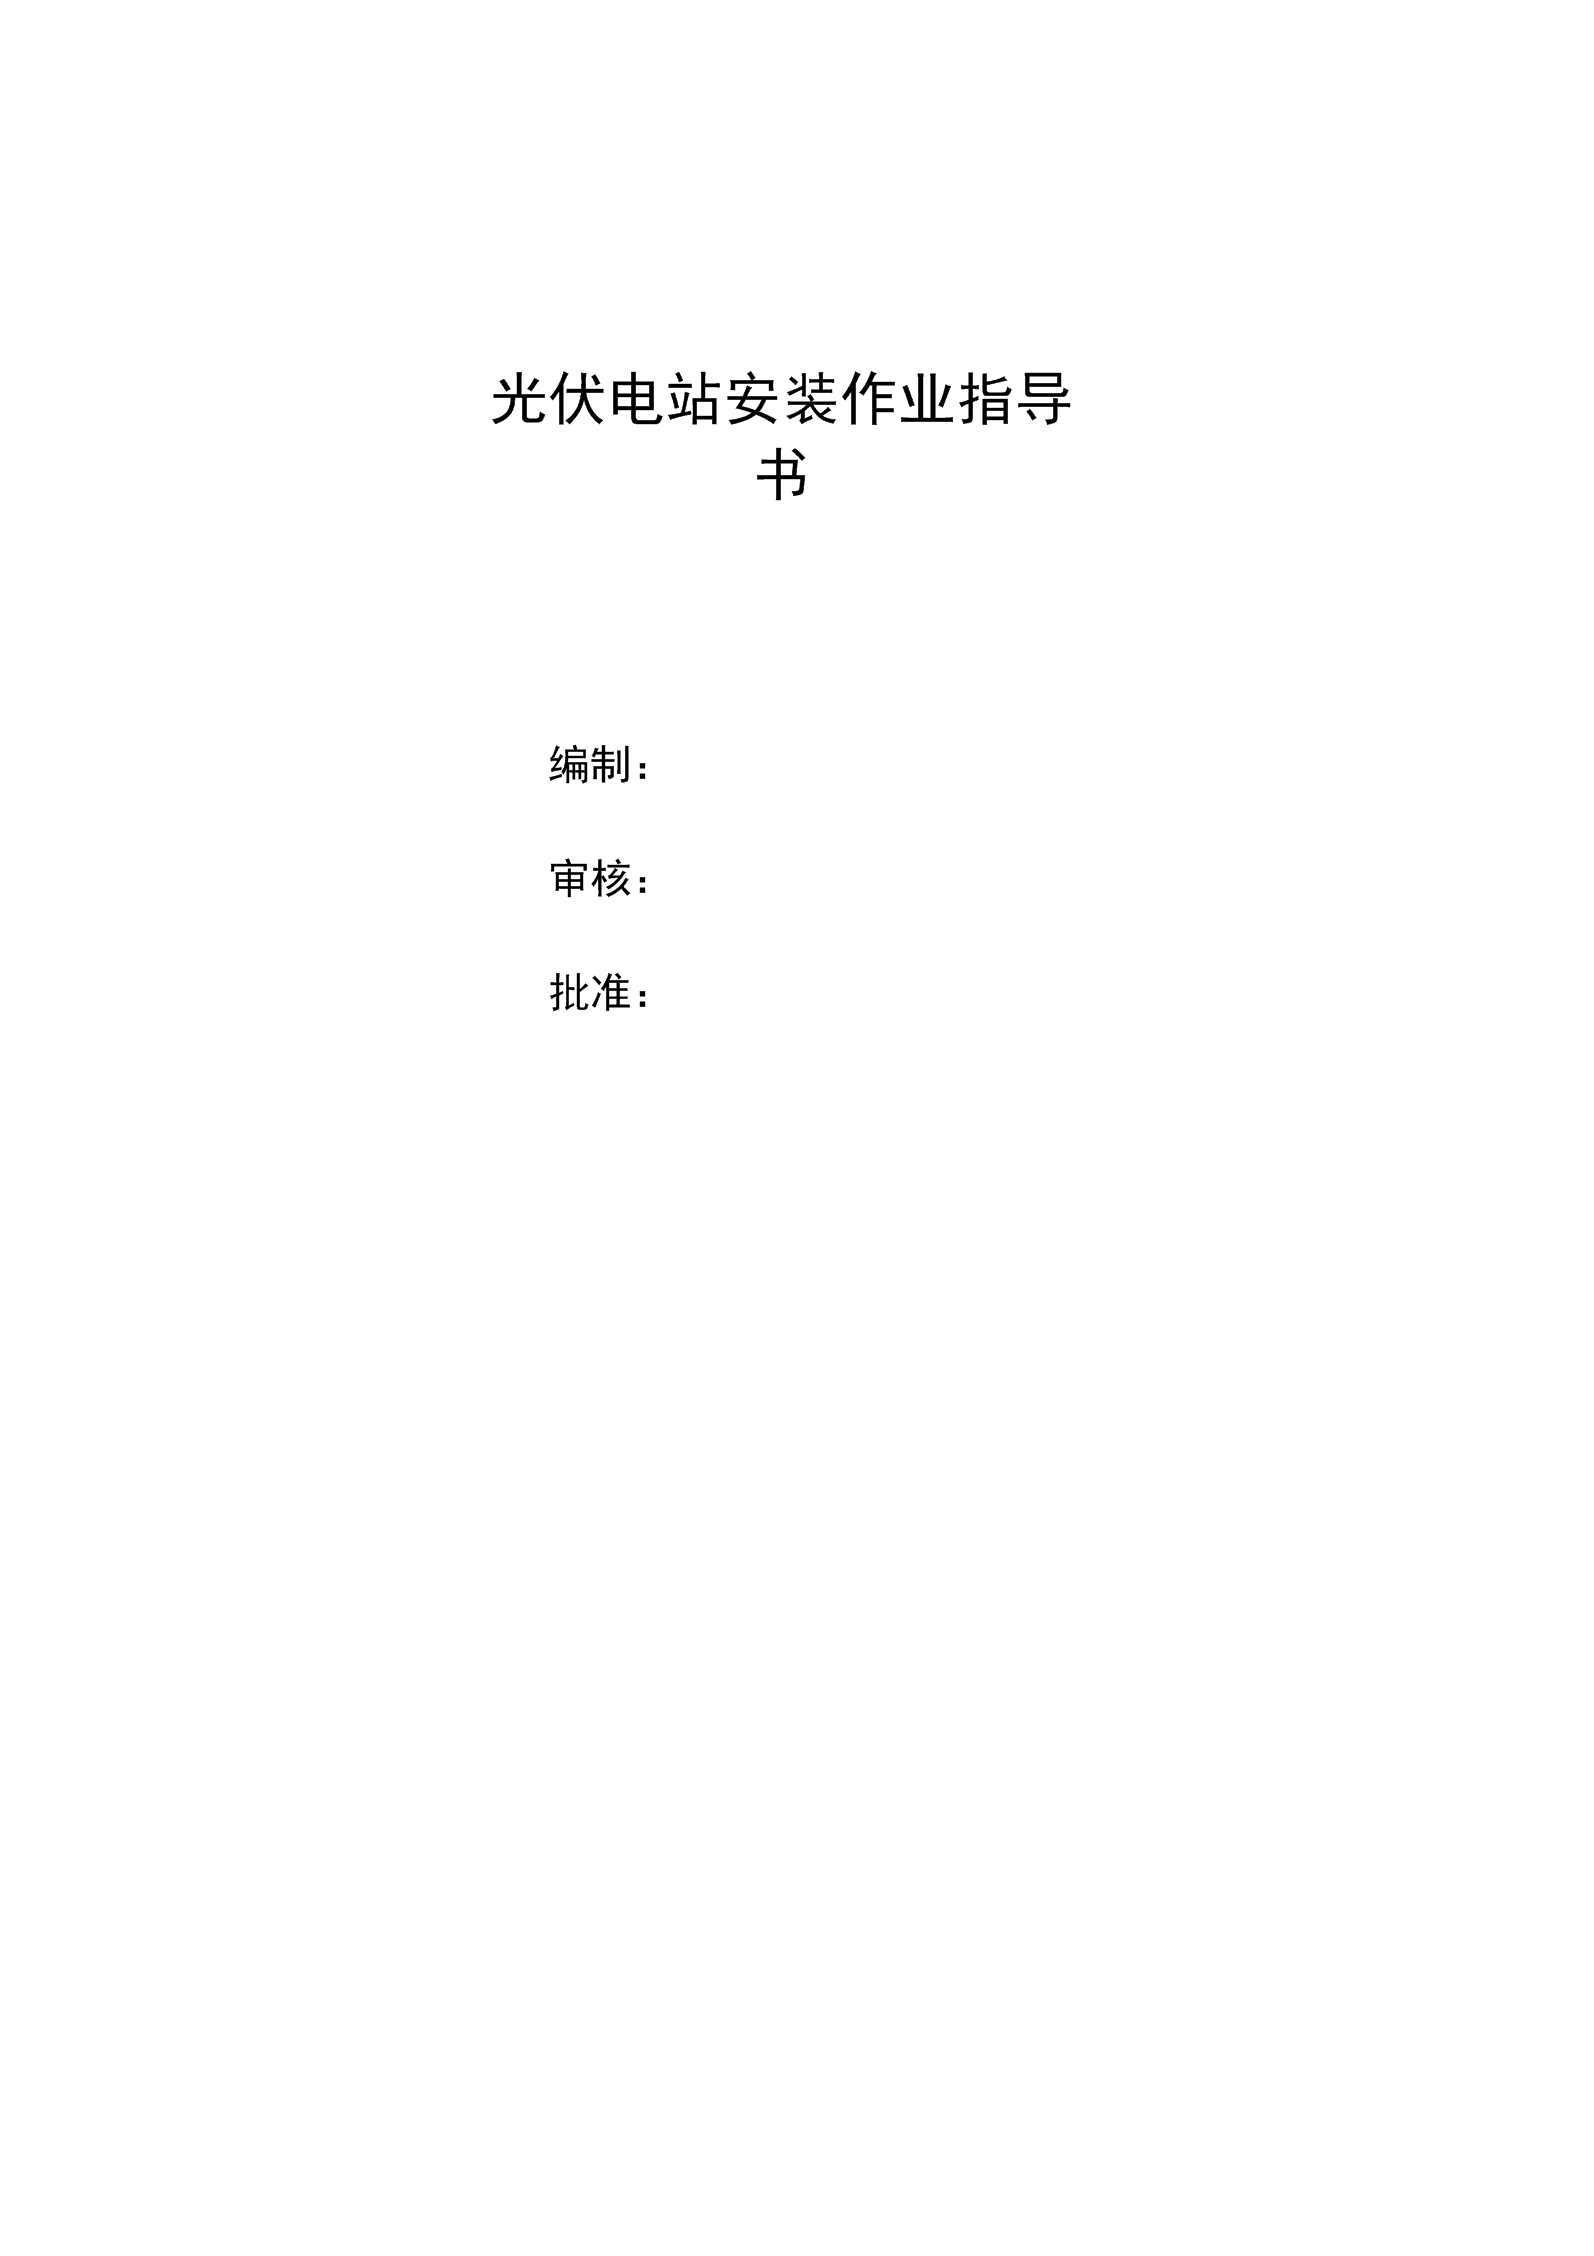 太阳能电站构架安装施工作业指导书.docx